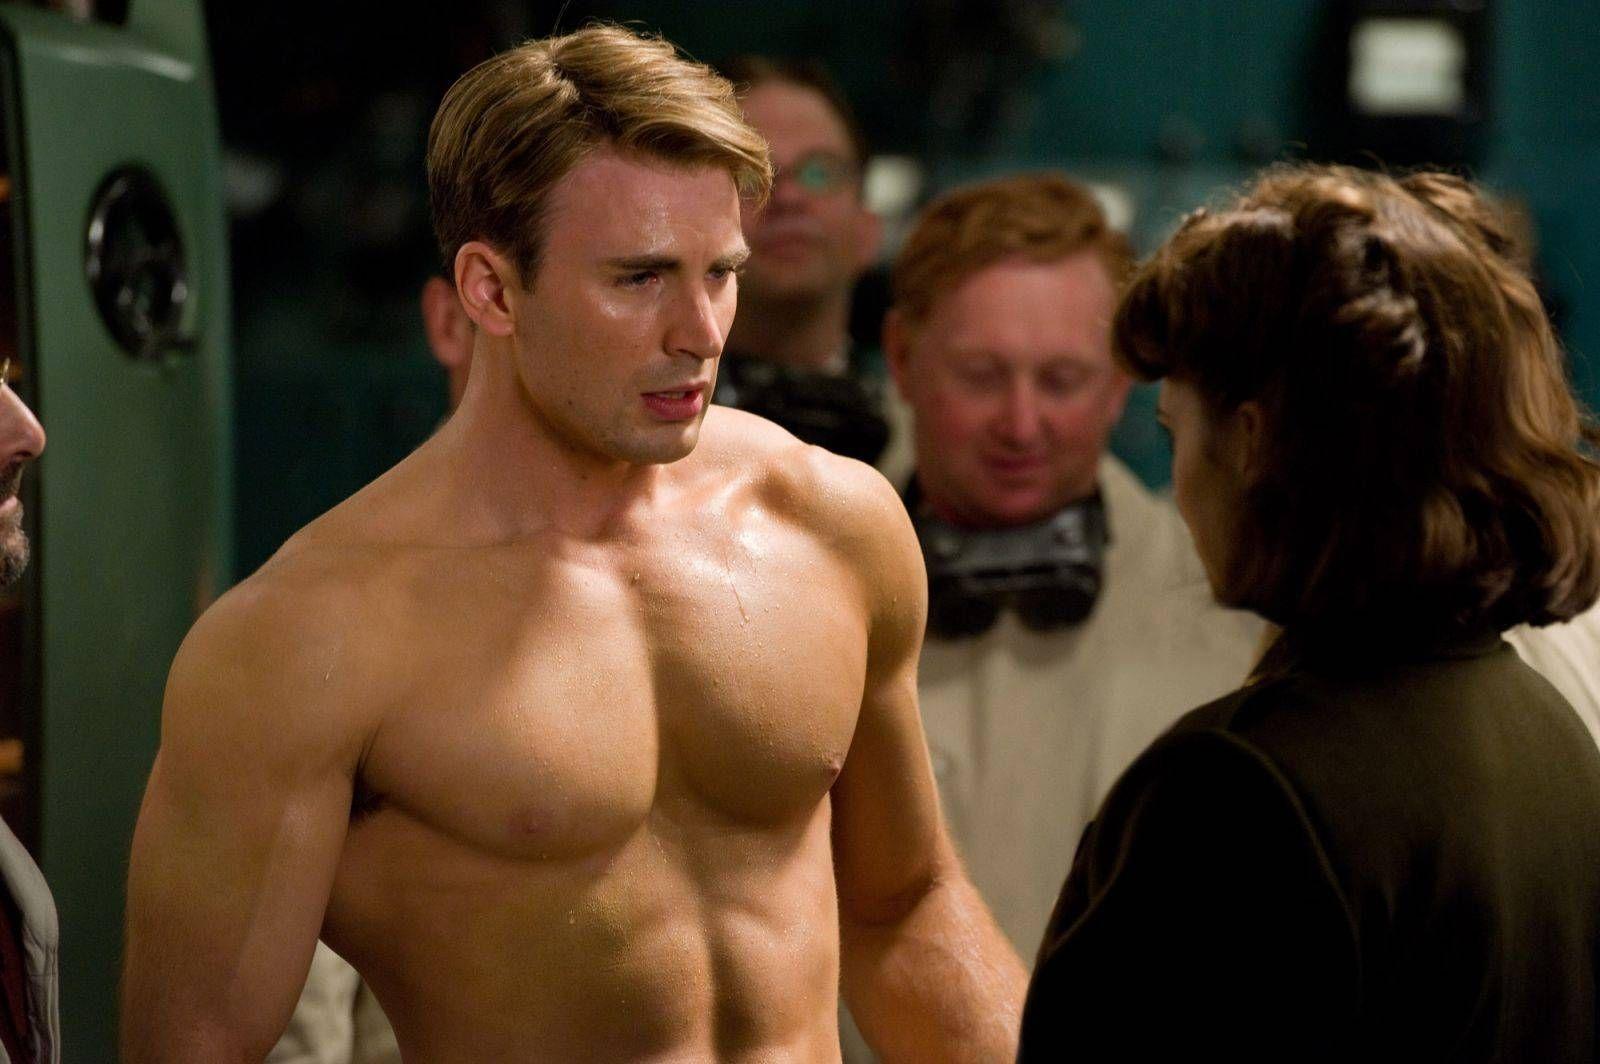 Captain America: The First Avenger | Chris evans shirtless, Captain america workout, Chris evans captain america